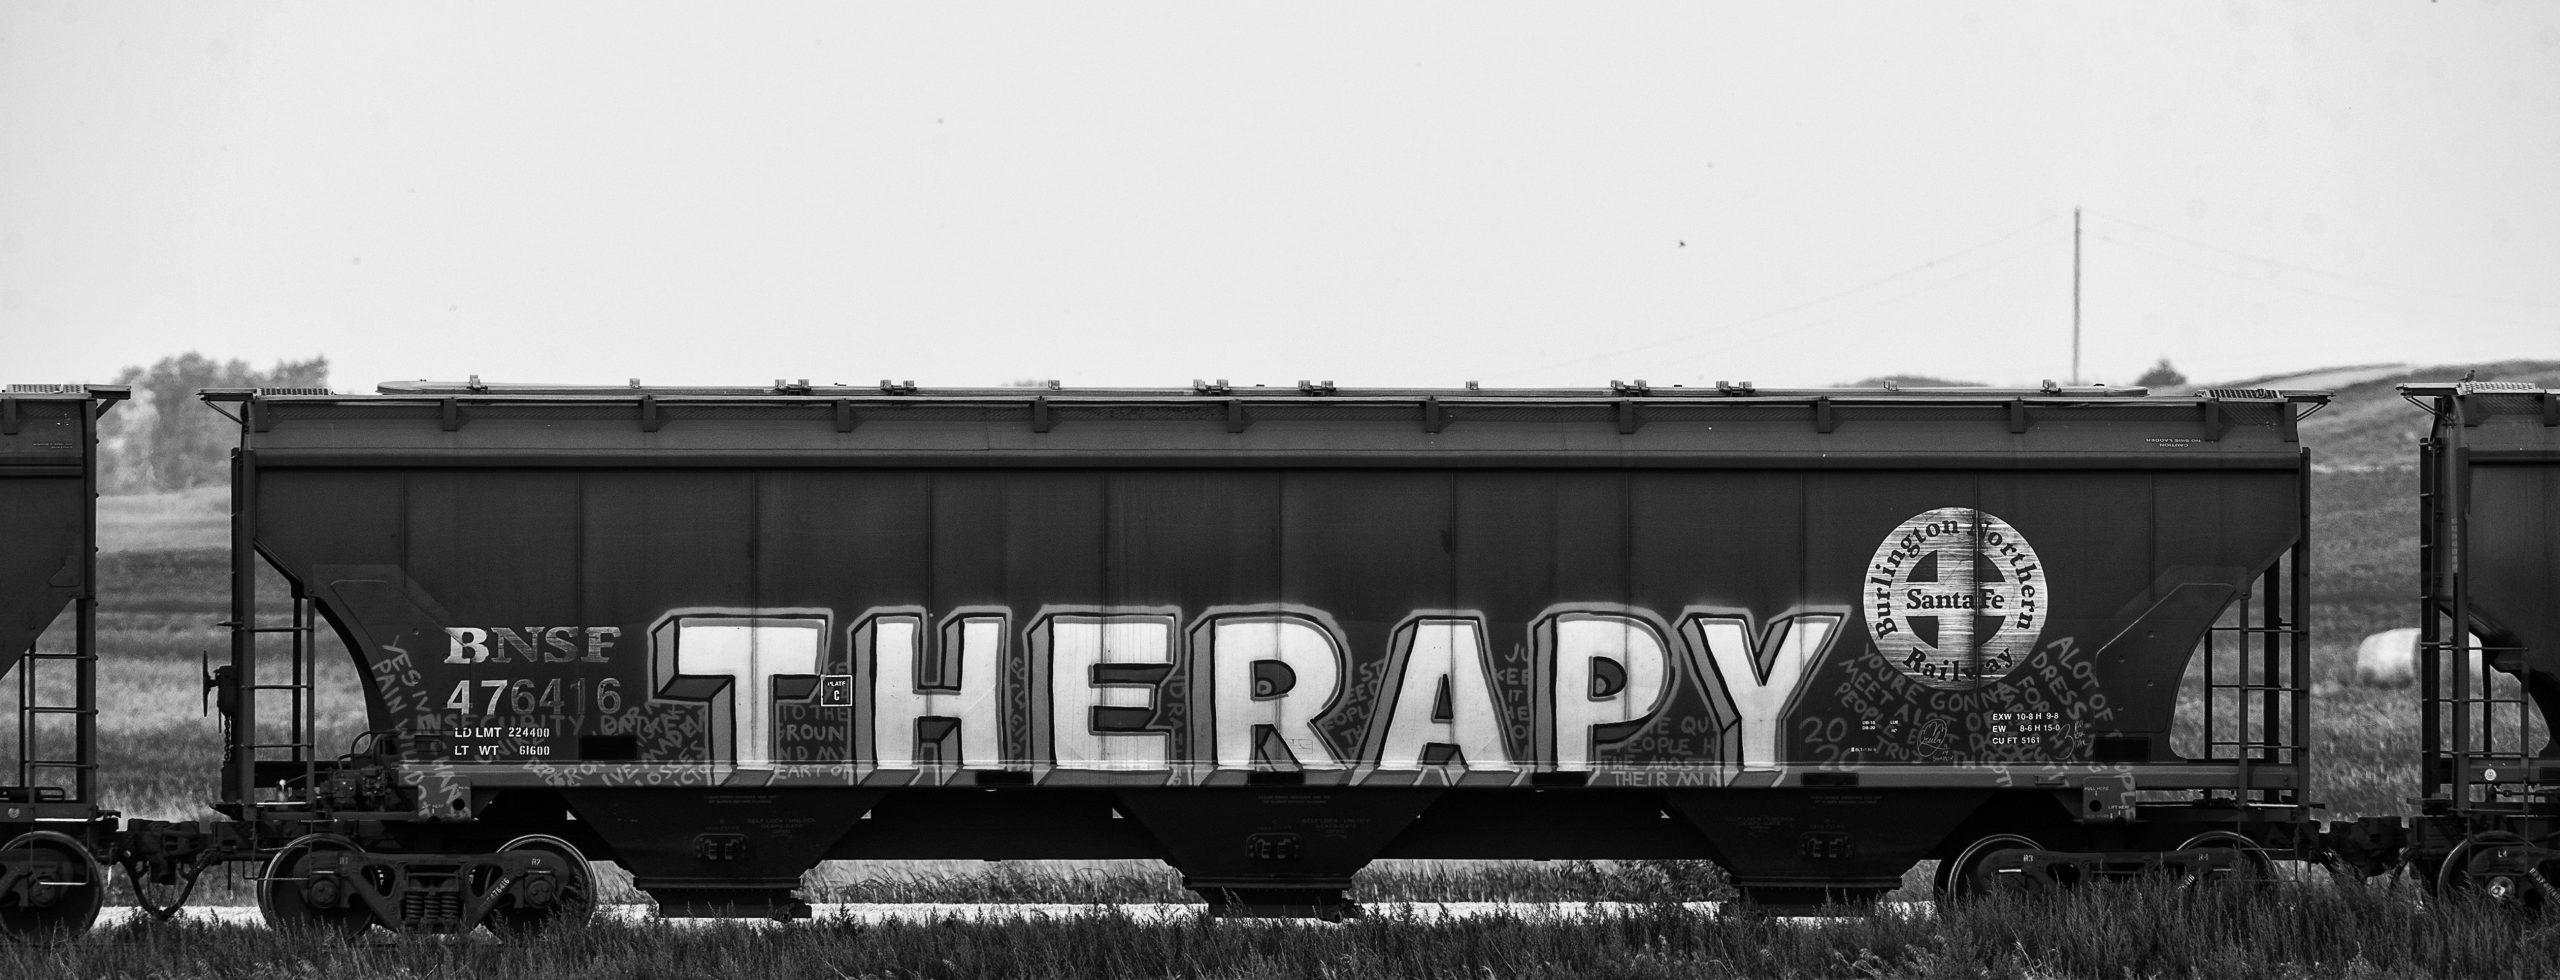 Copr. Daniel Smith , Railroad therapy